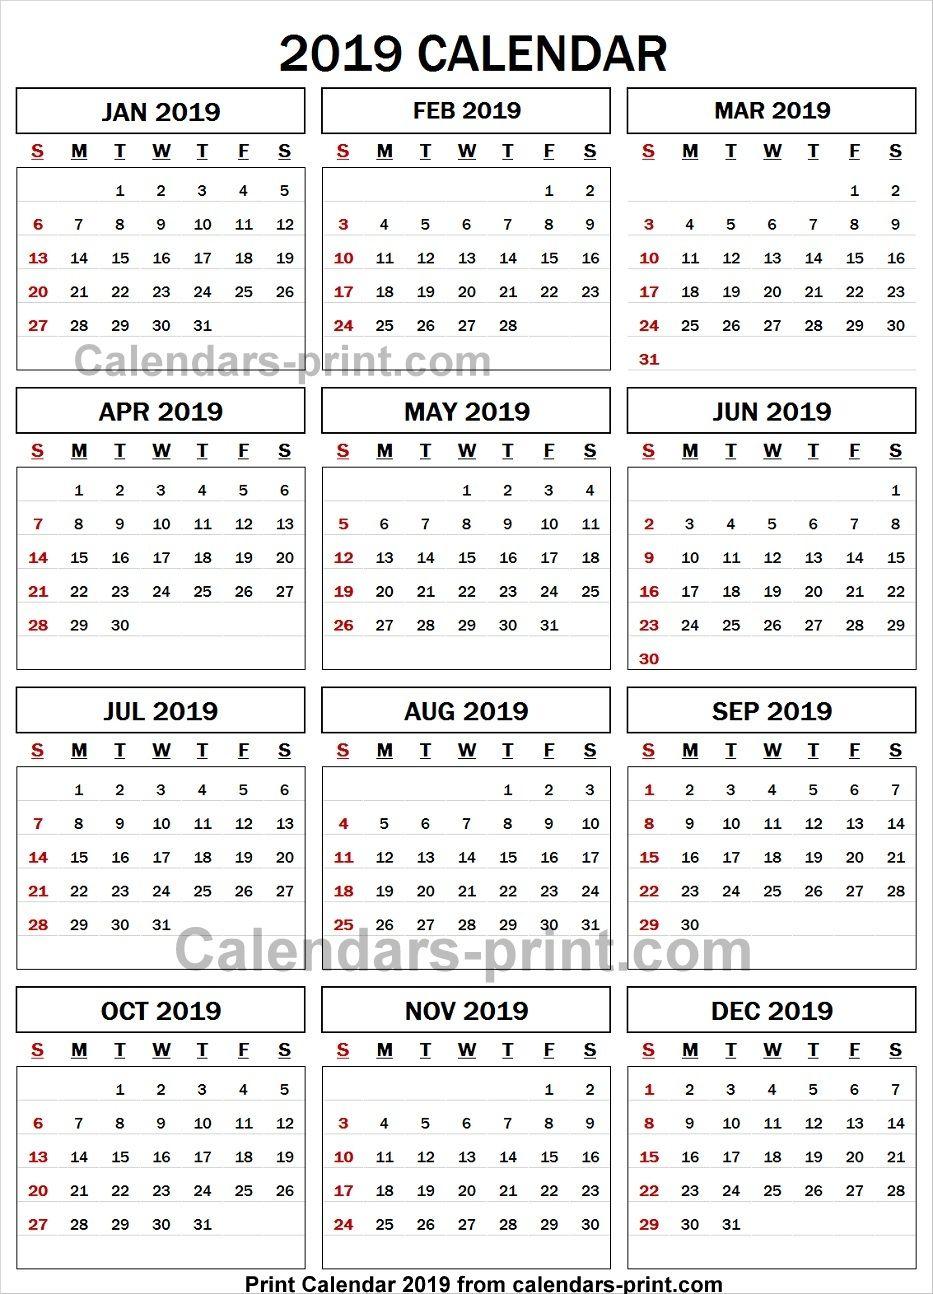 Calendrier 2019 Xls.2019 Calendar Spreadsheet 2019 Calendar Calendar Yearly